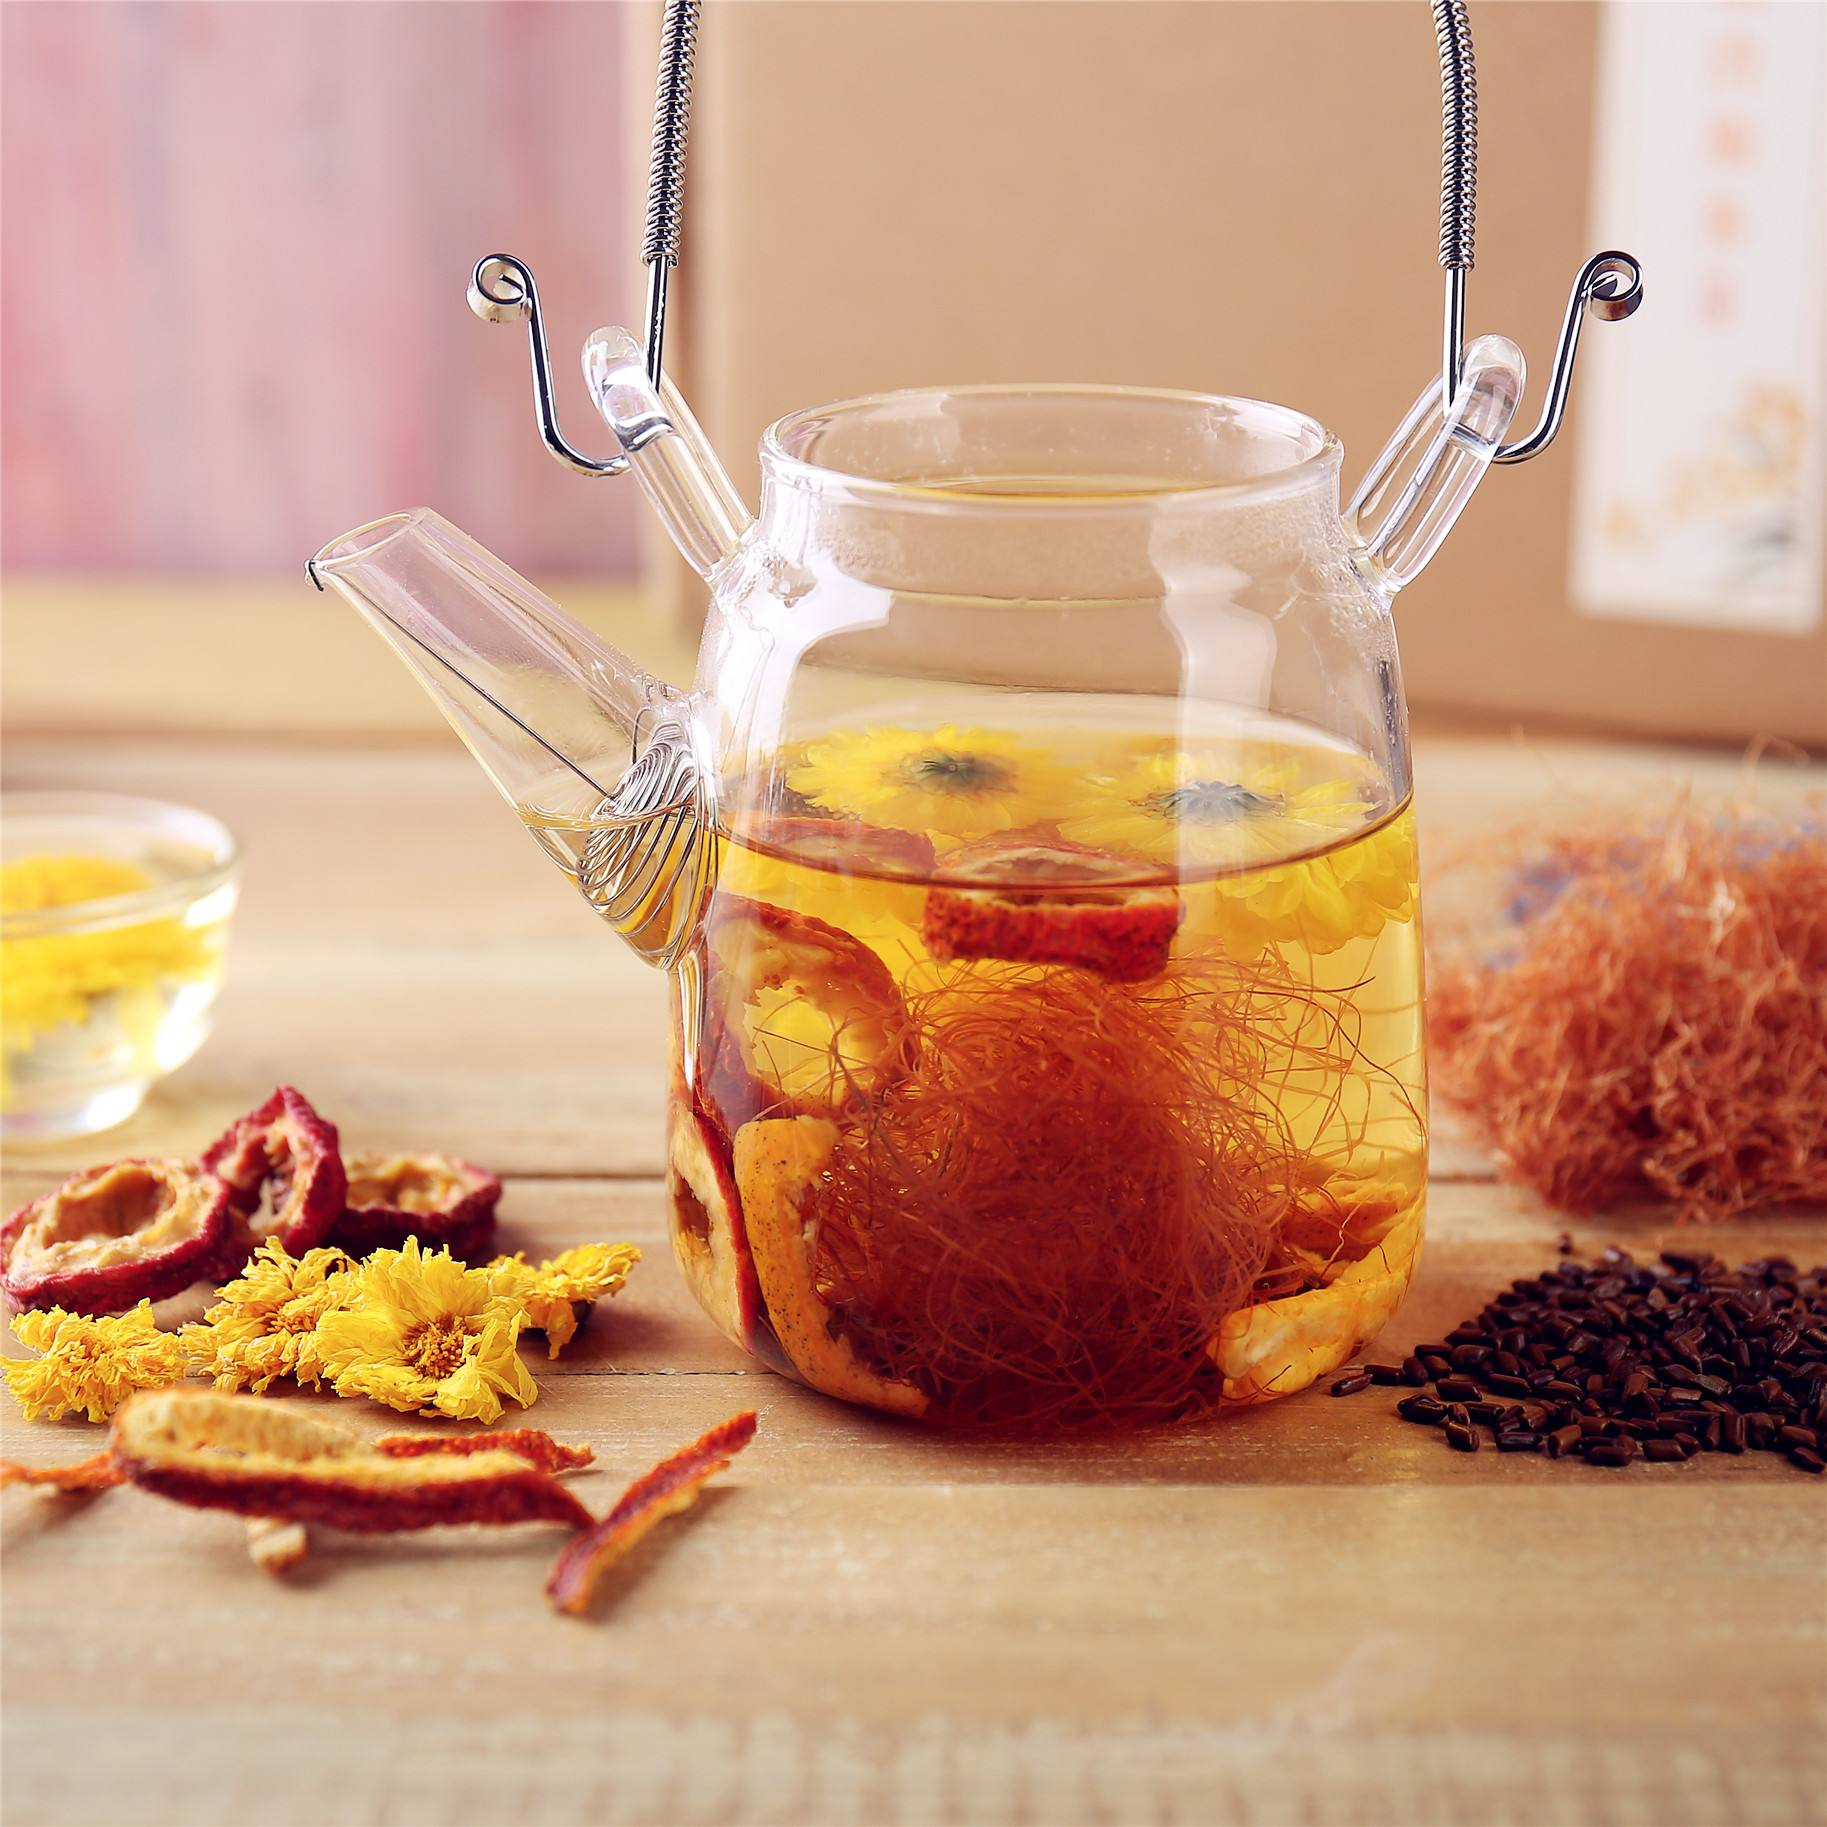 陈皮茶的功效与禁忌